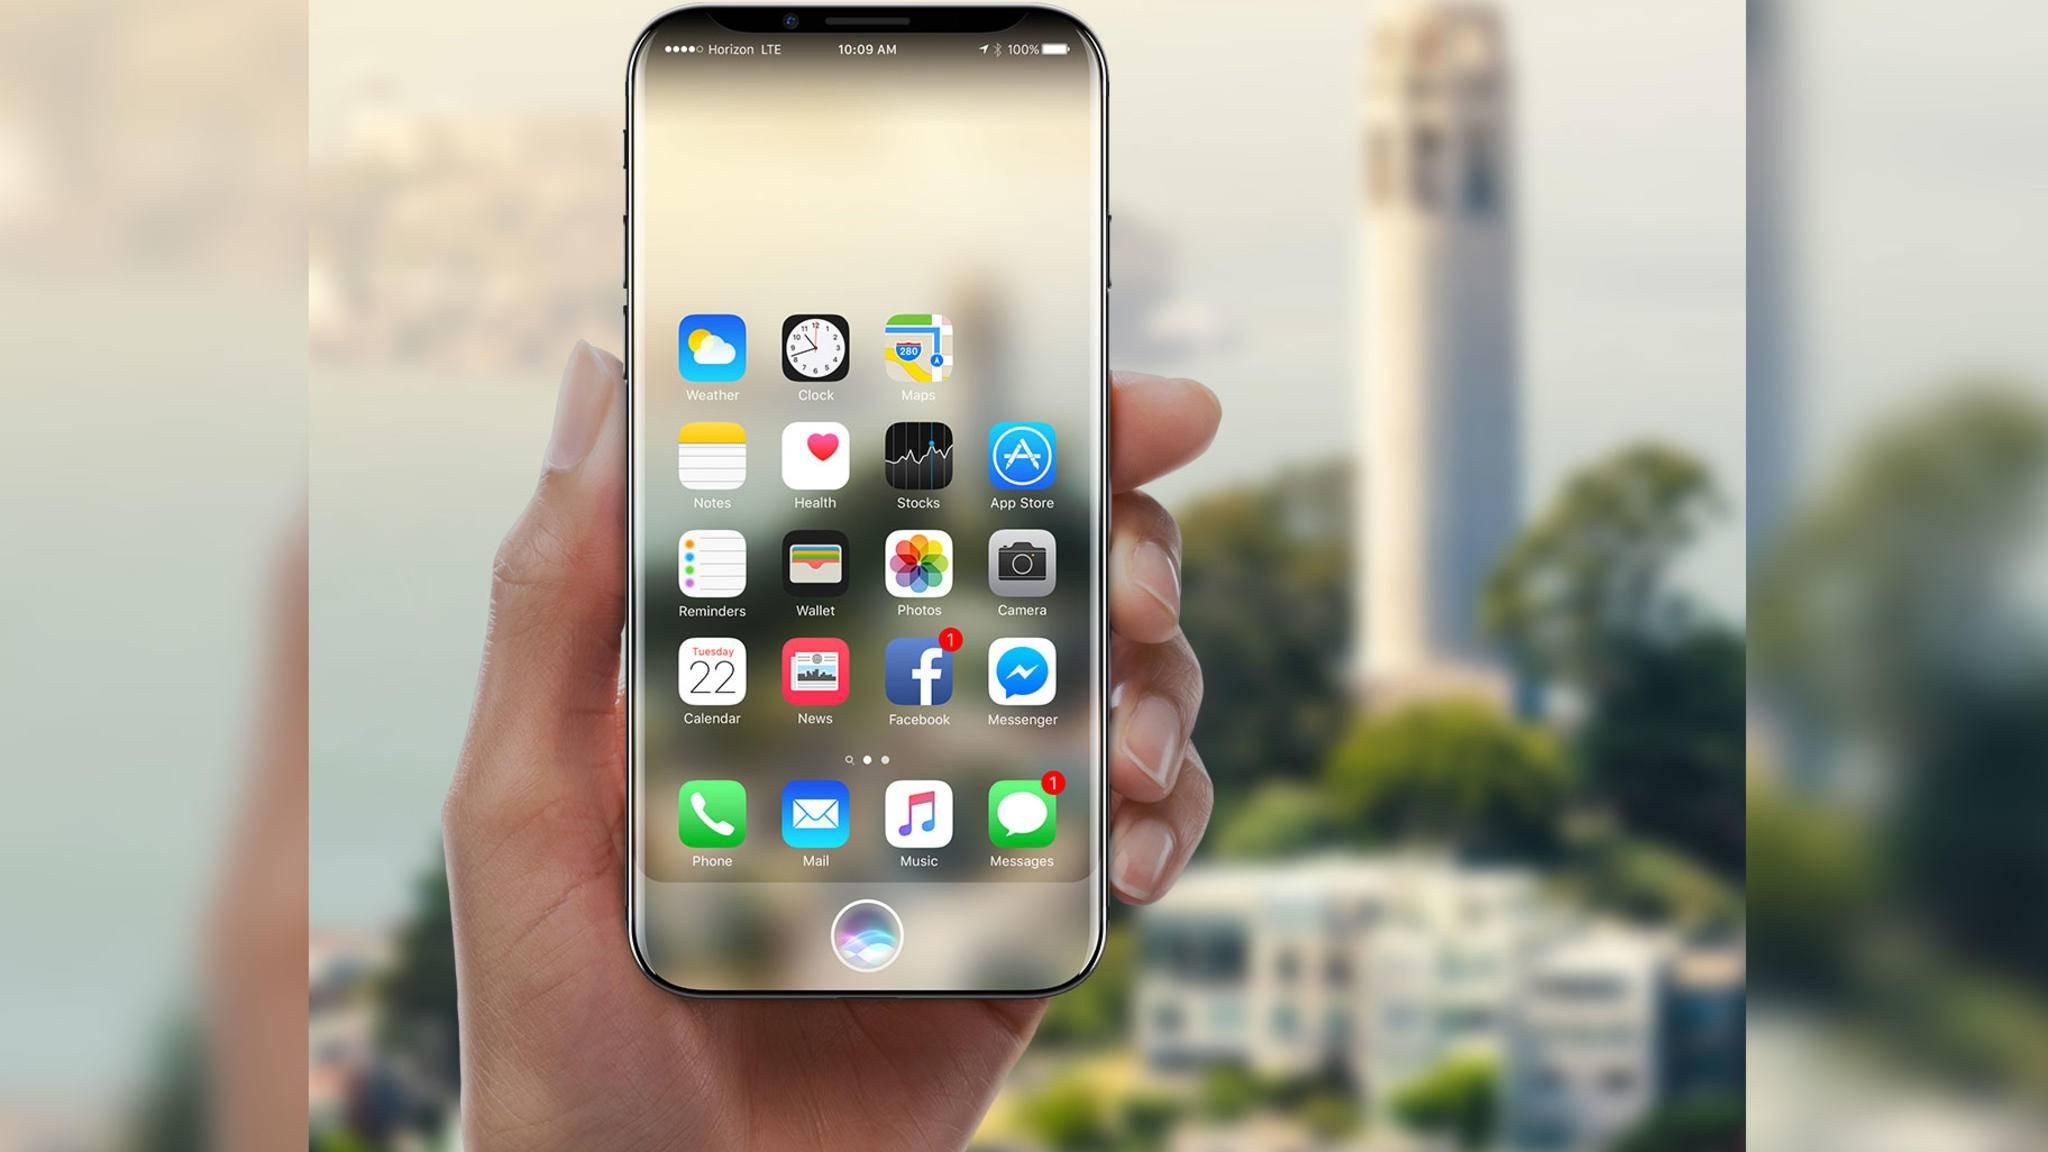 Wird das iPhone 8 einfach nur iPhone heißen?